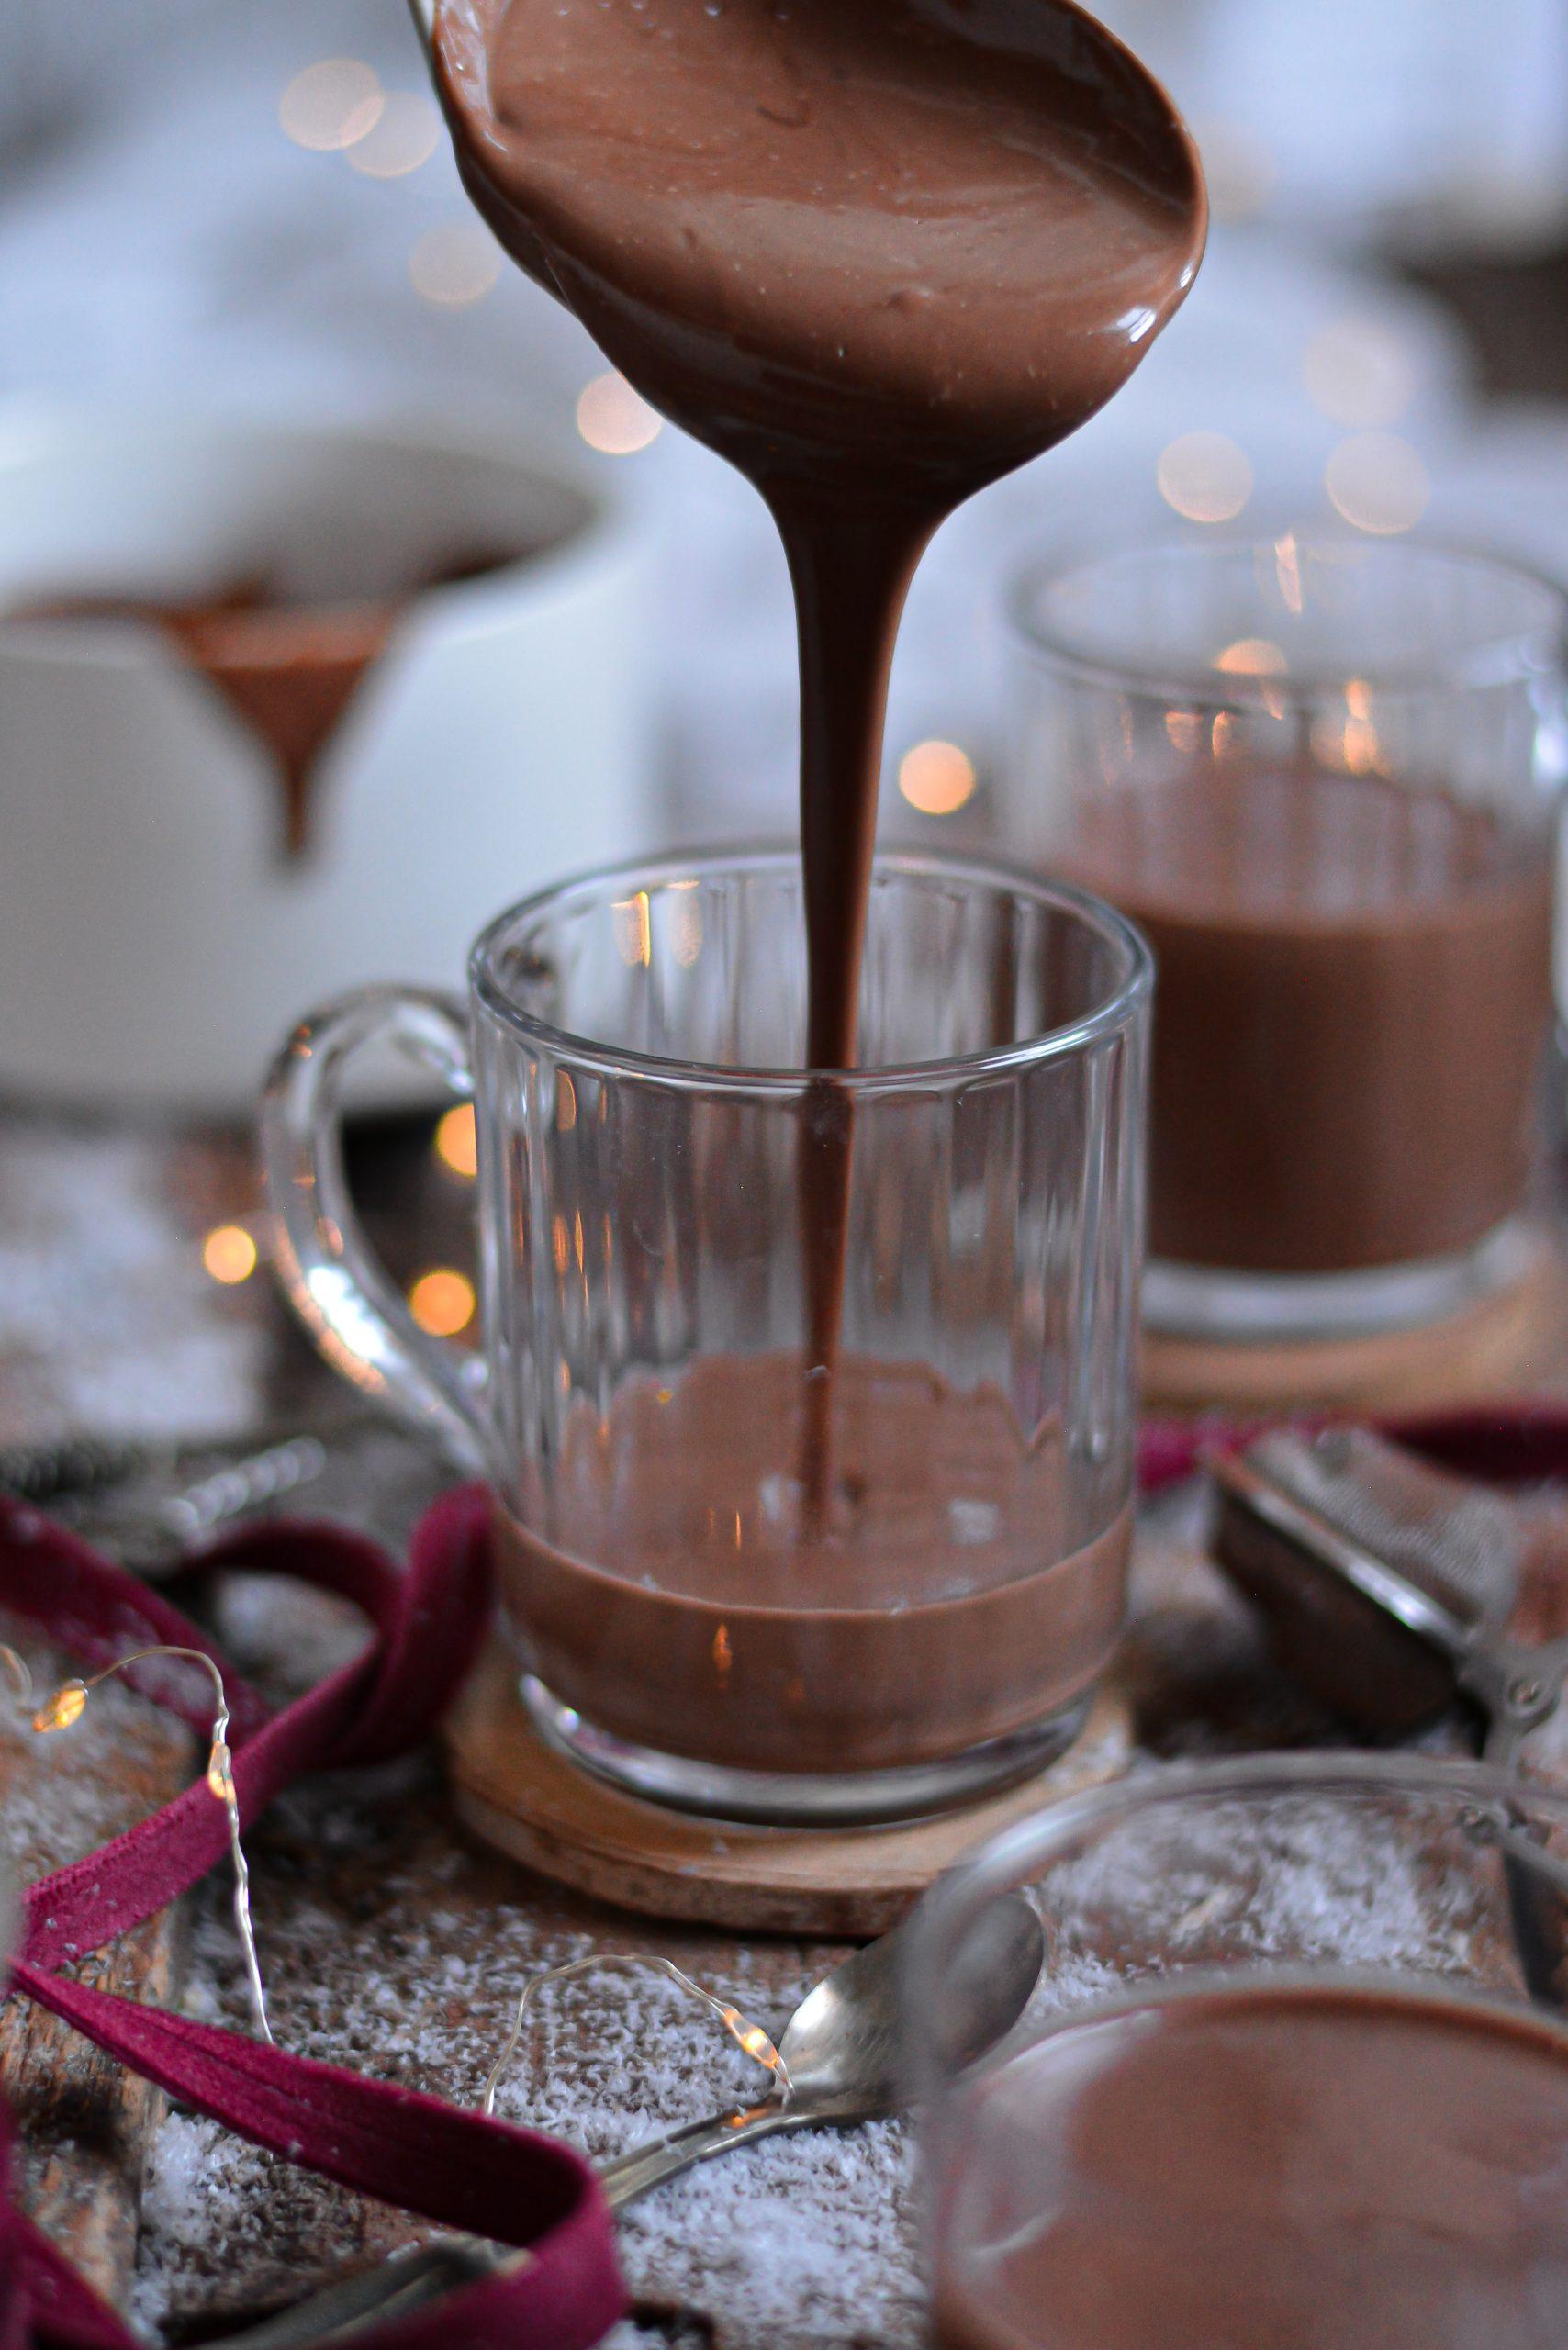 Dalgona Vegan Crémeux au Chocolat, Noix de Coco / Vegan Creamy Chocolate, Coconut, Coffee Dalgona